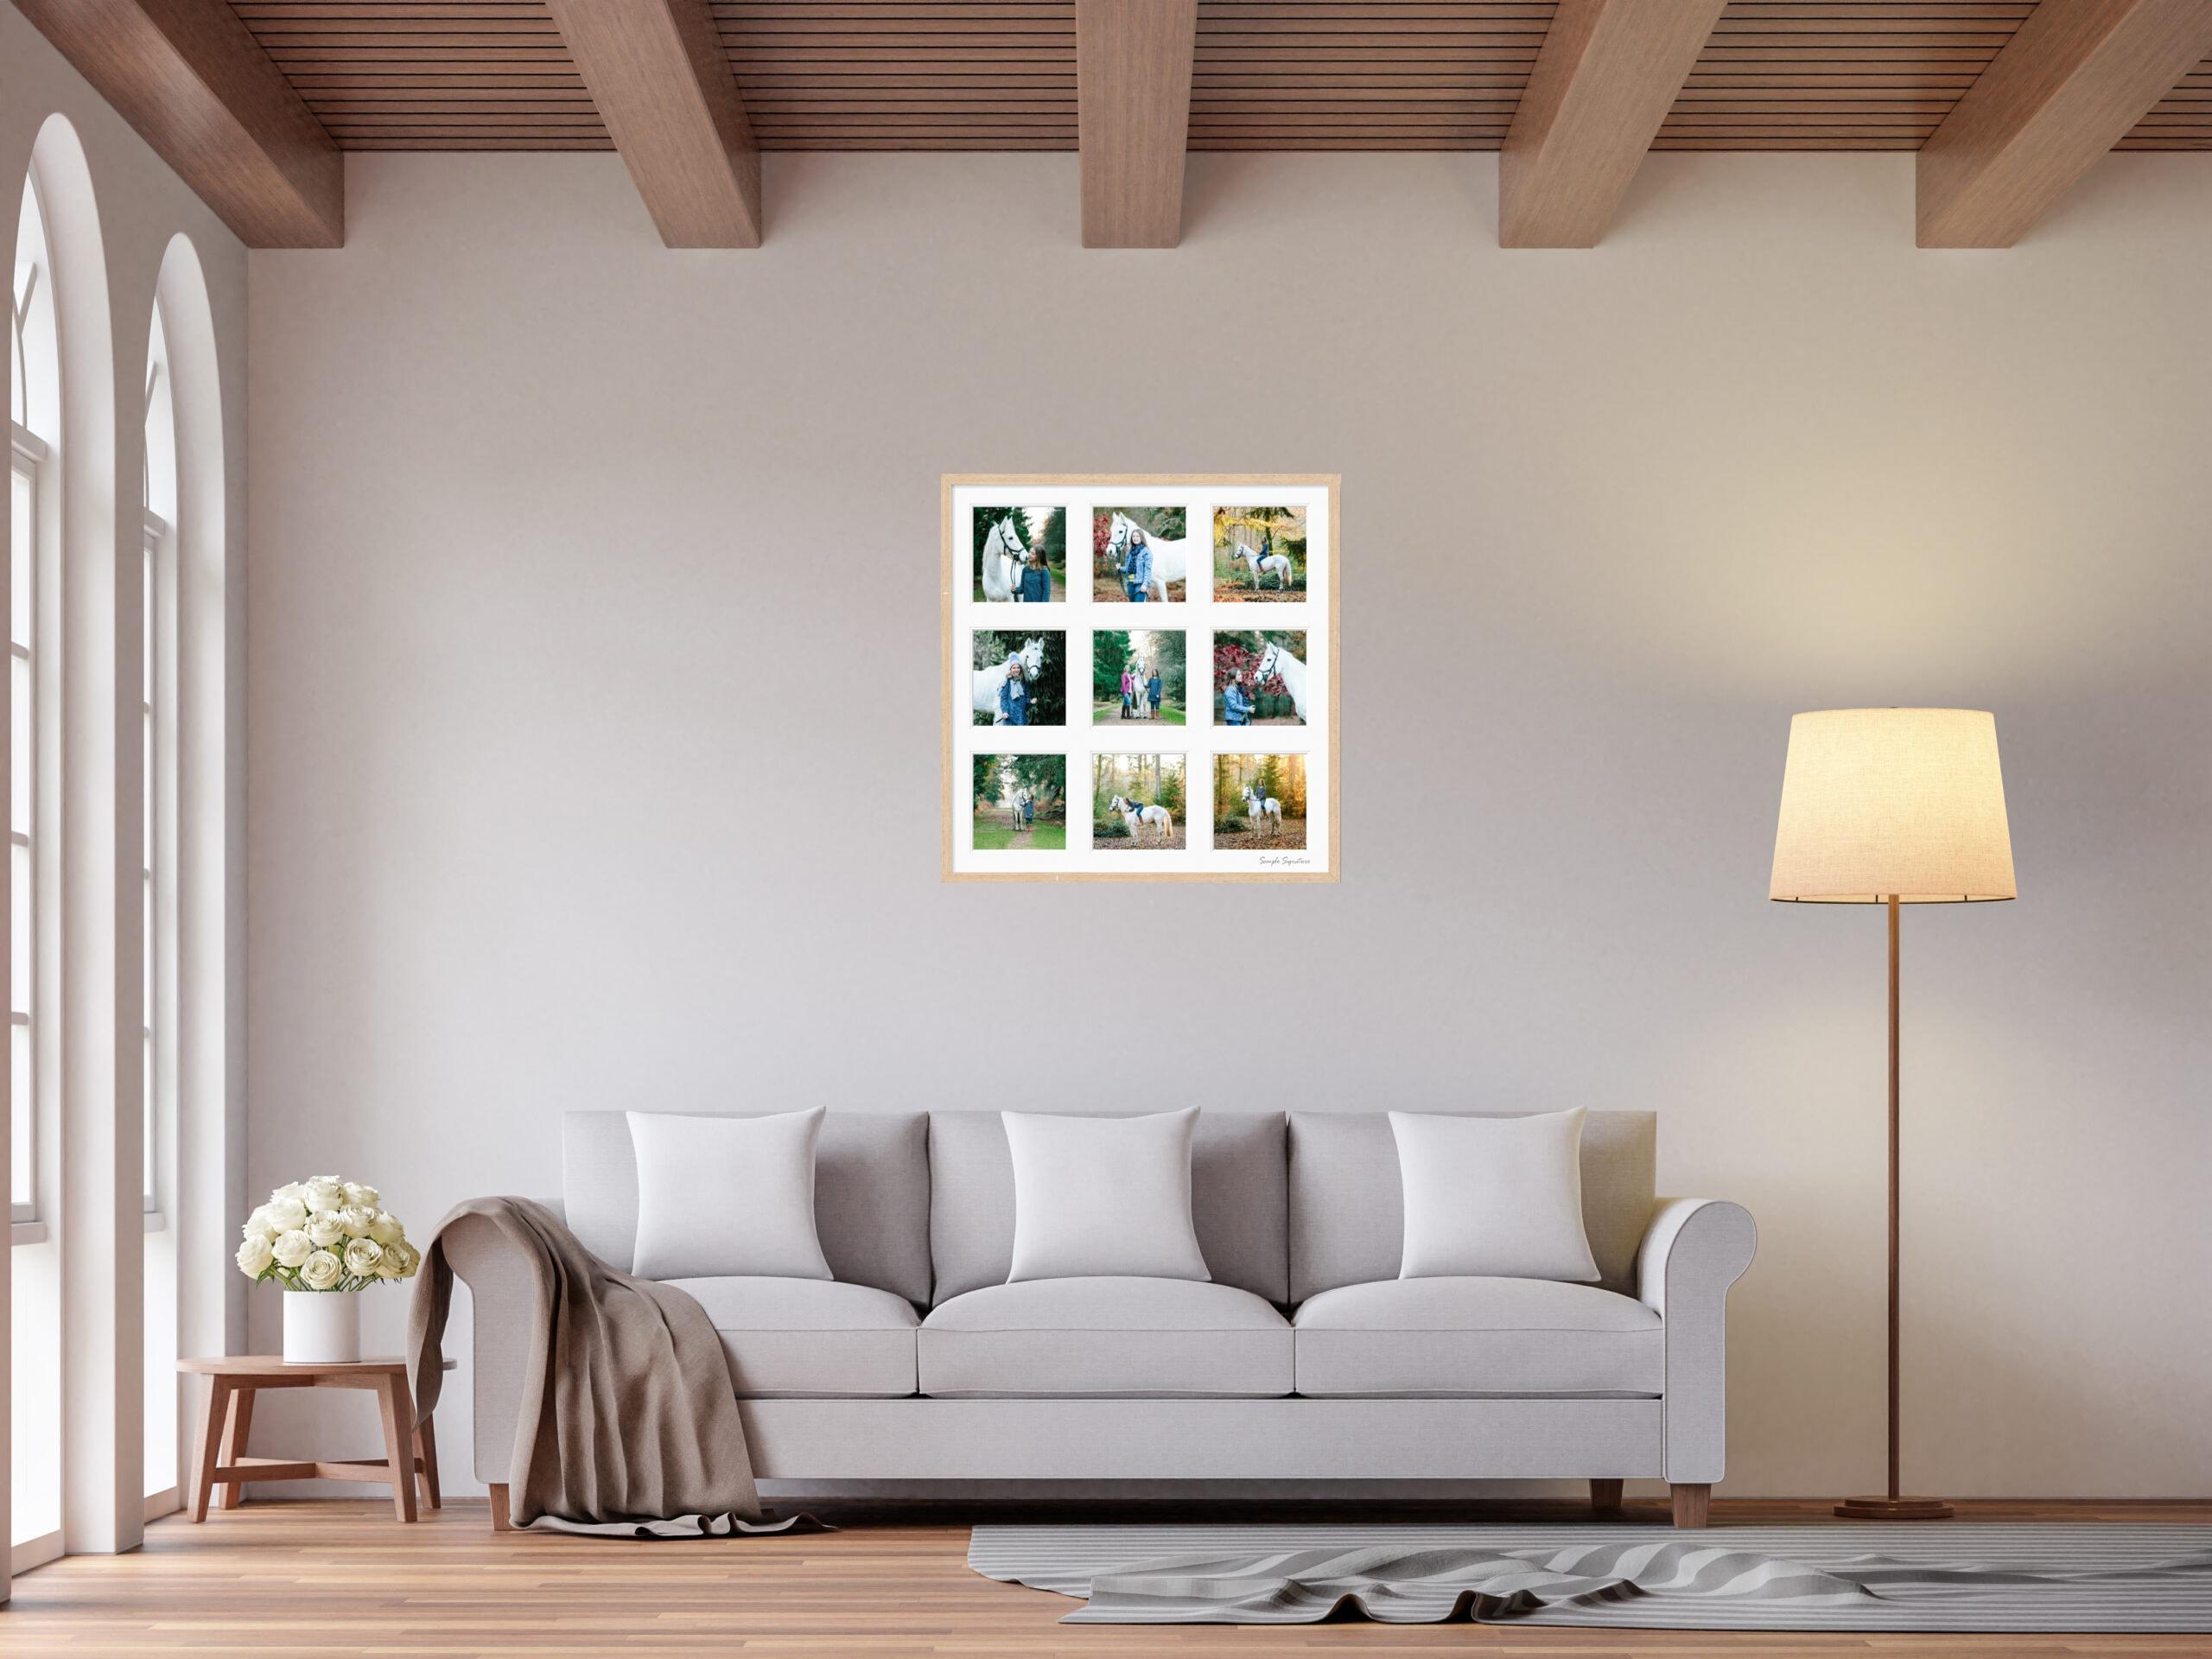 Scandinavian living room 3d rendering image